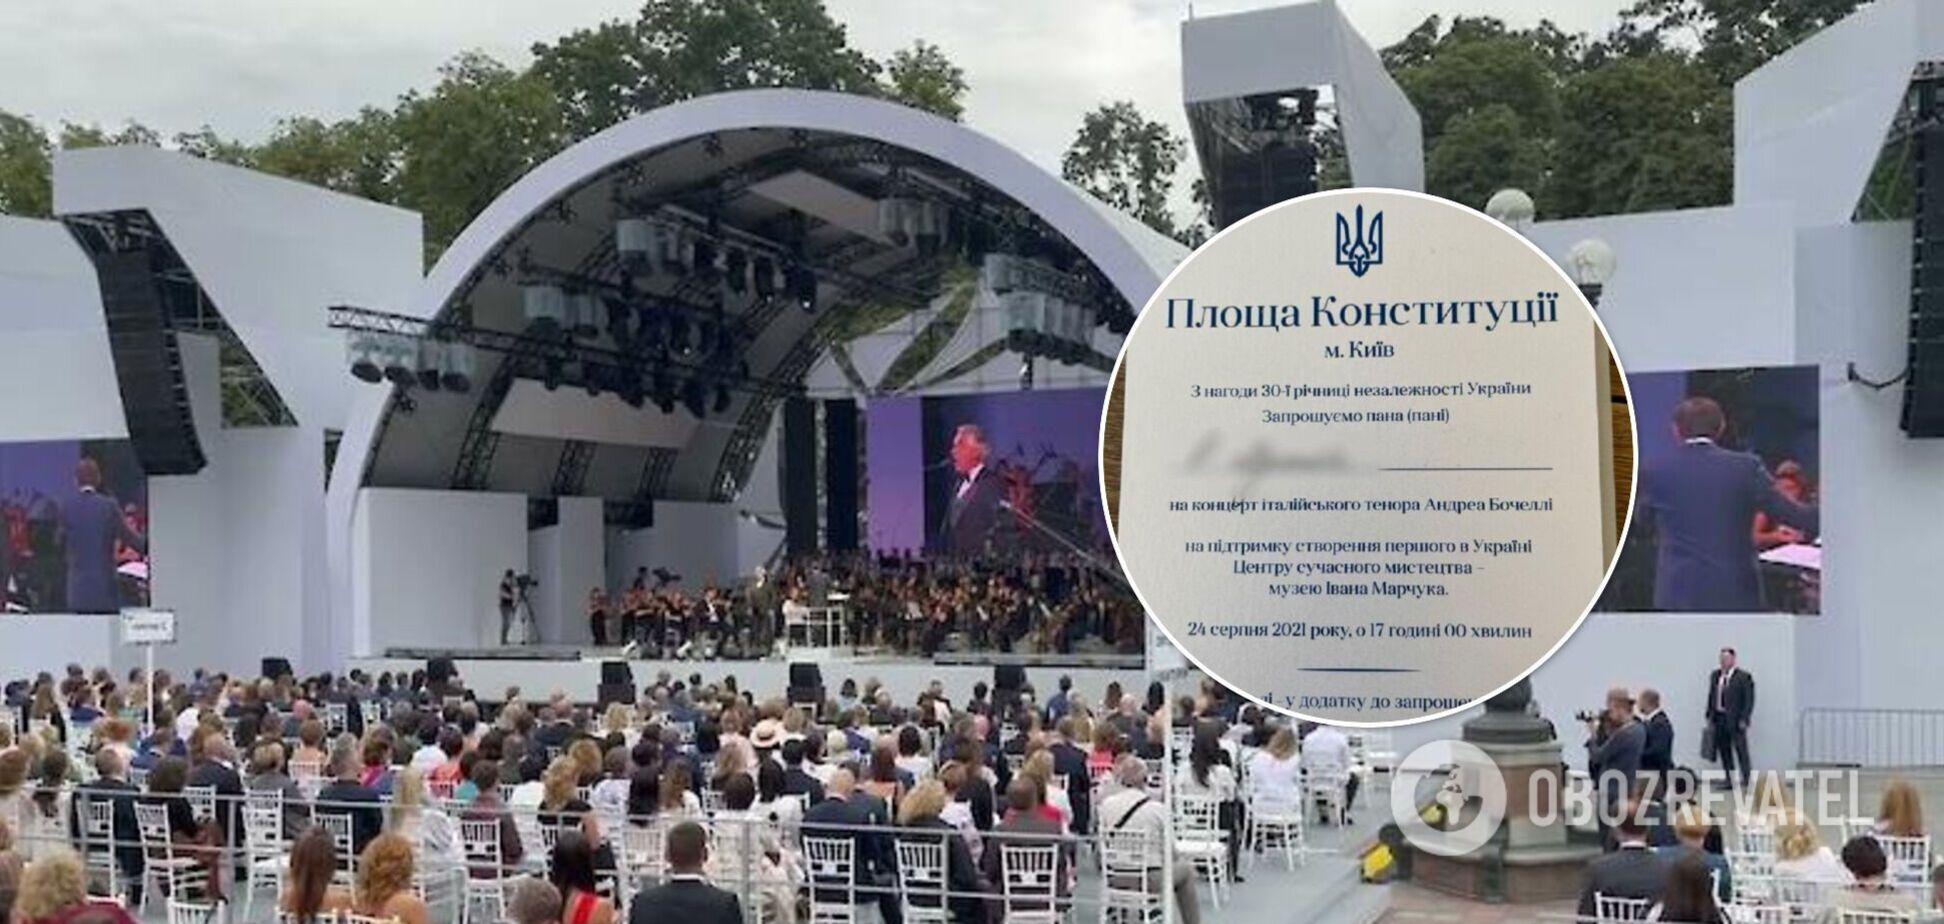 Люди не смогли попасть на 'бесплатный концерт Андреа Бочелли